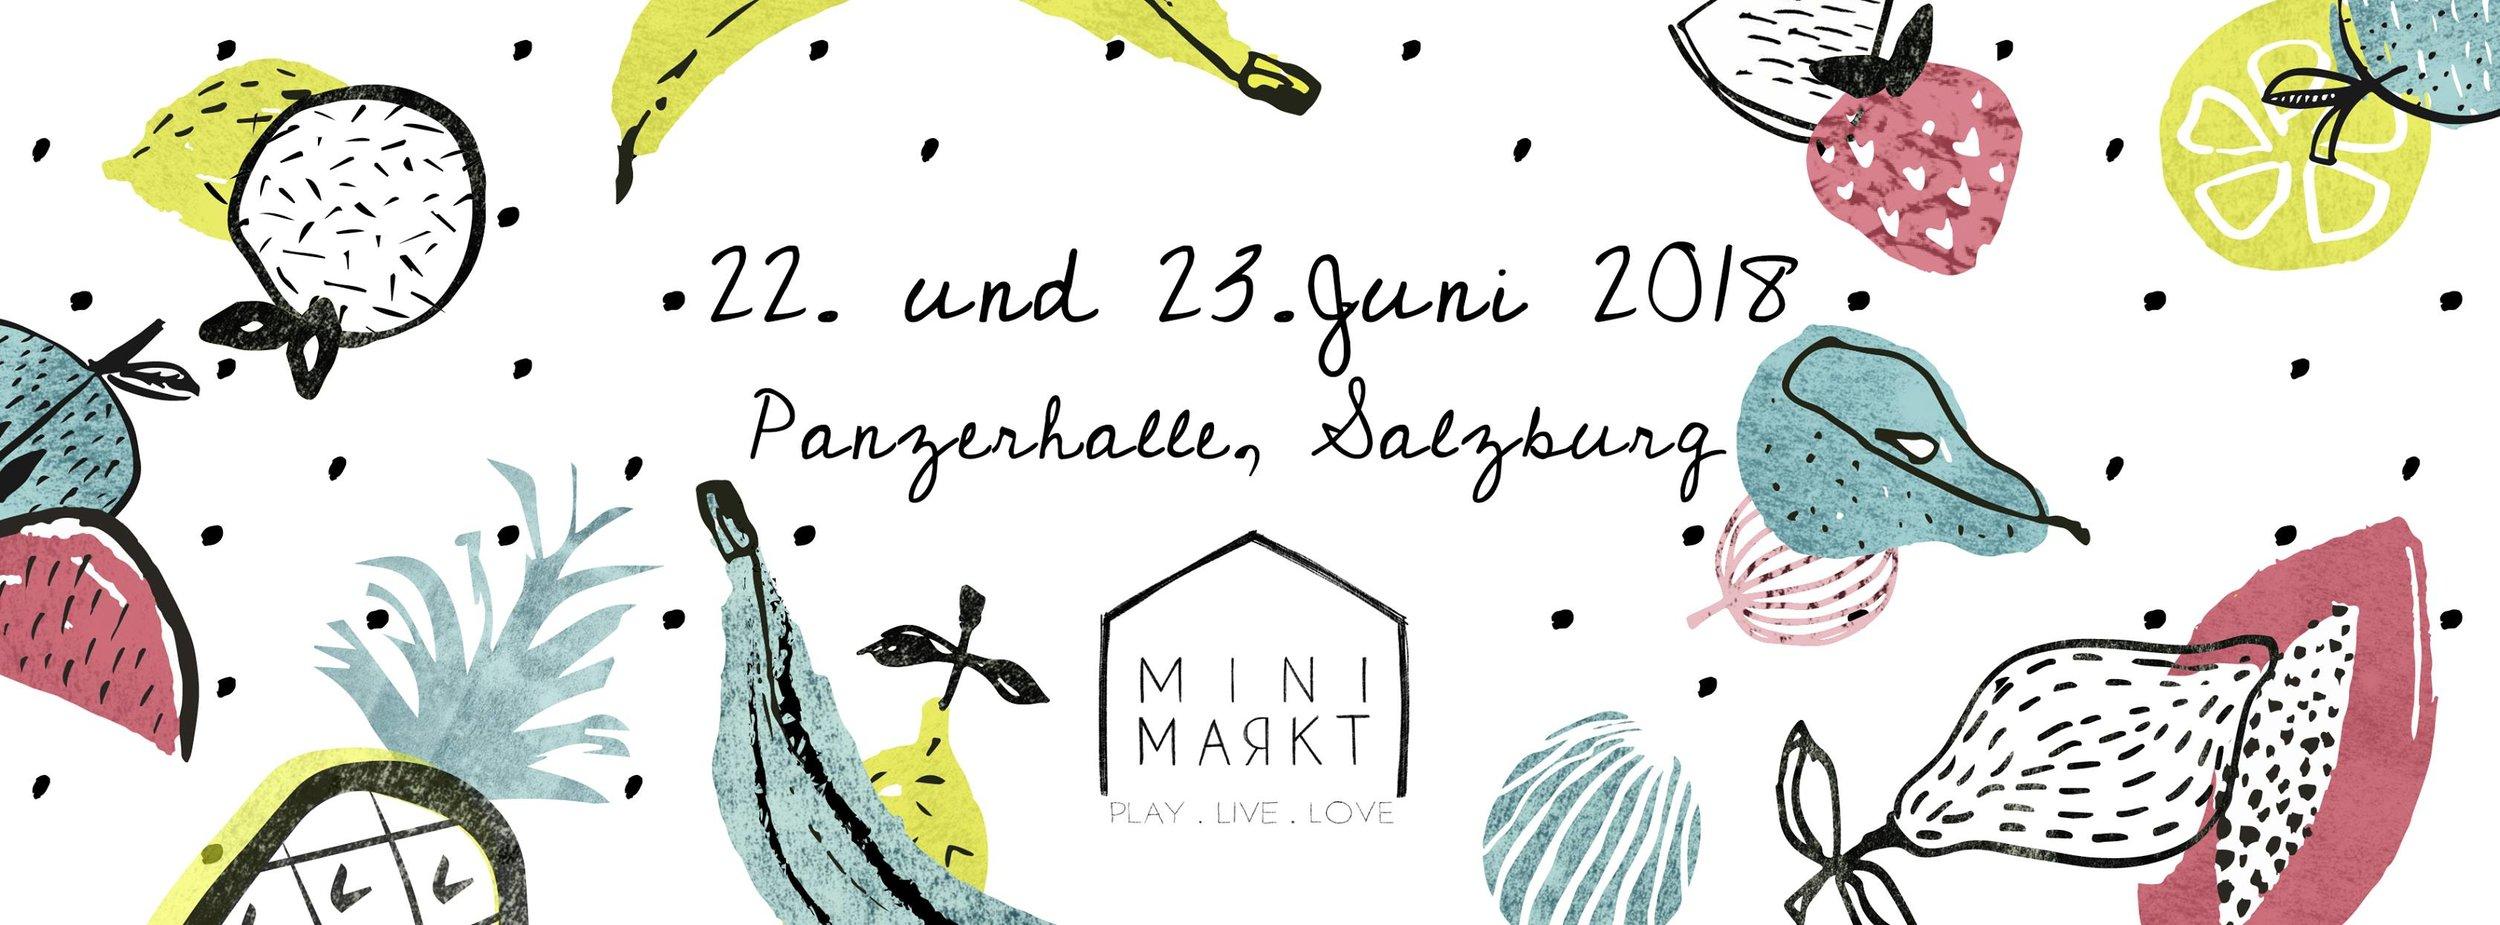 Minimarkt Salzburg Lieblingsstueckerl.jpg